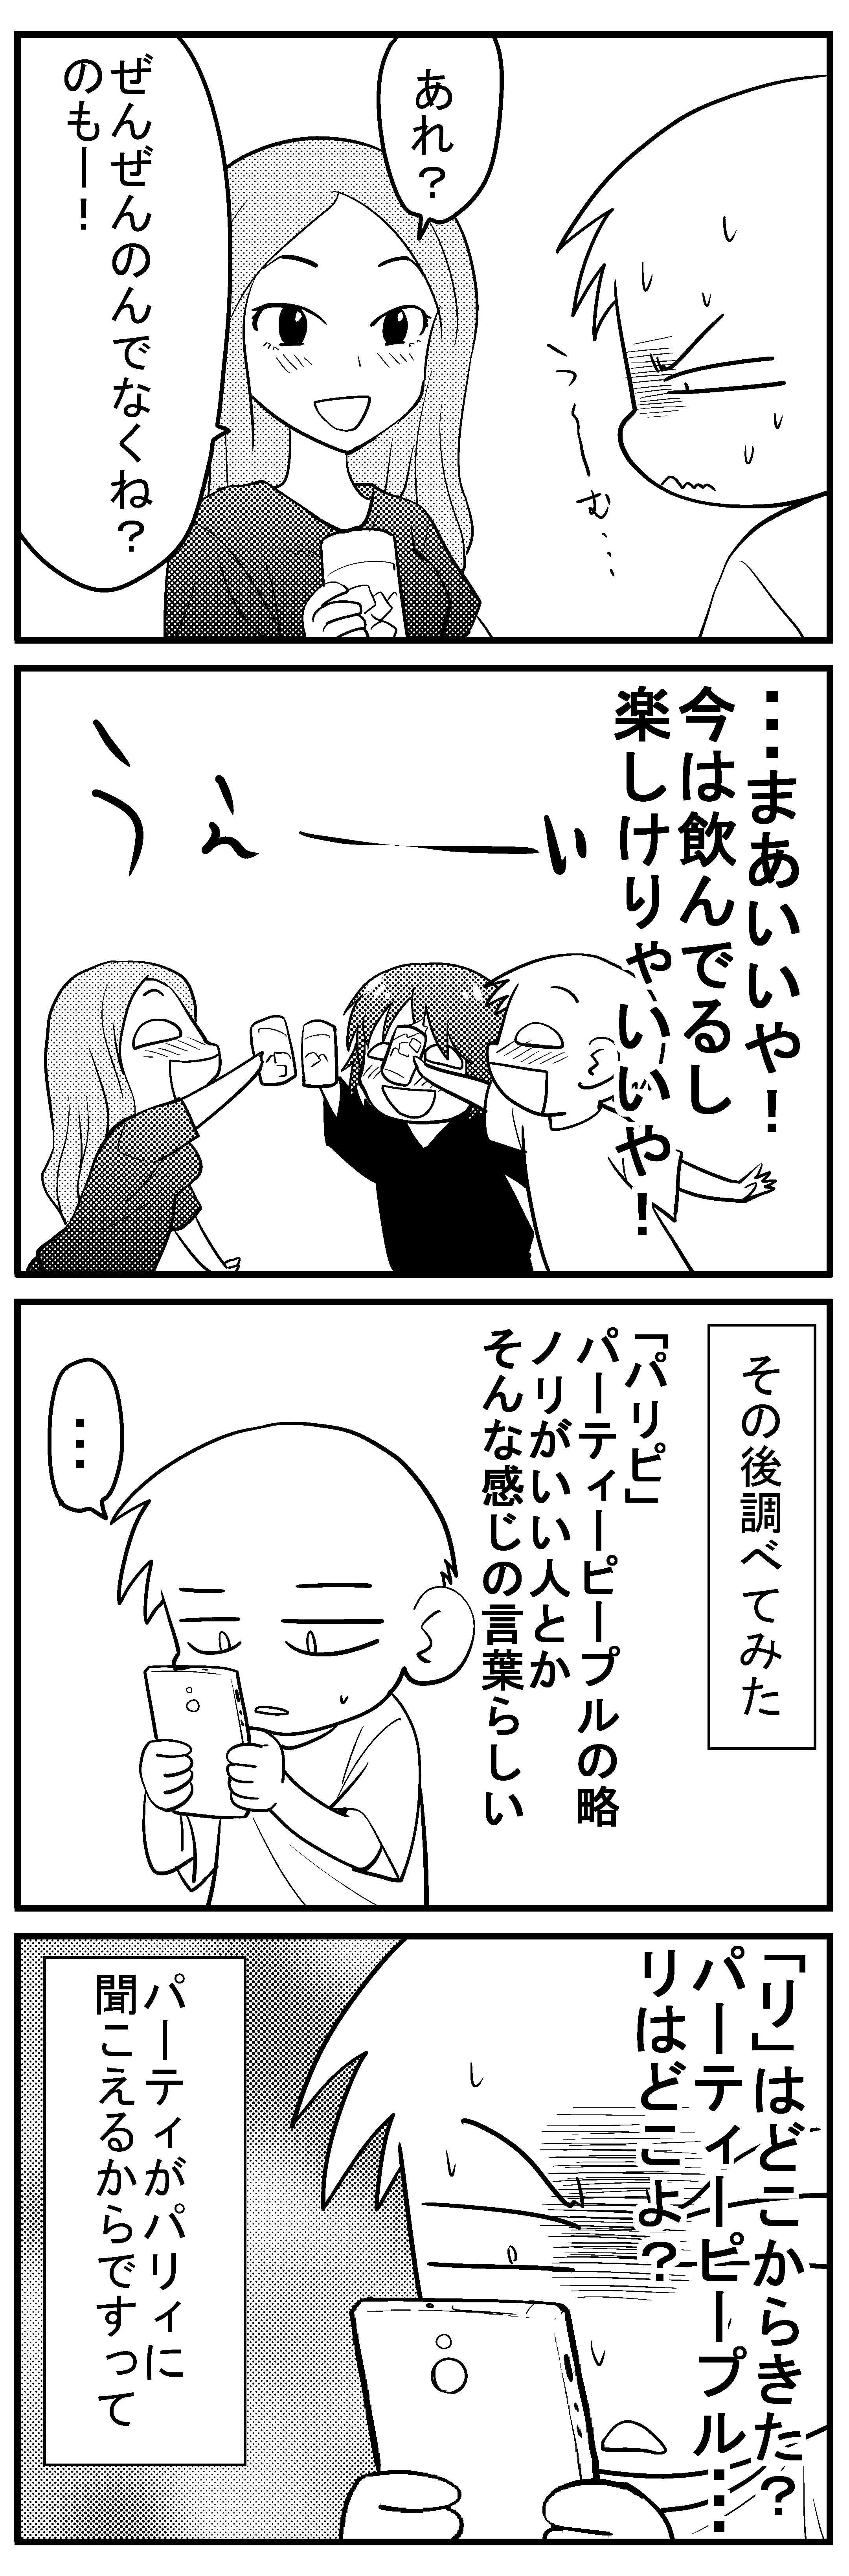 深読みくん21 1-4